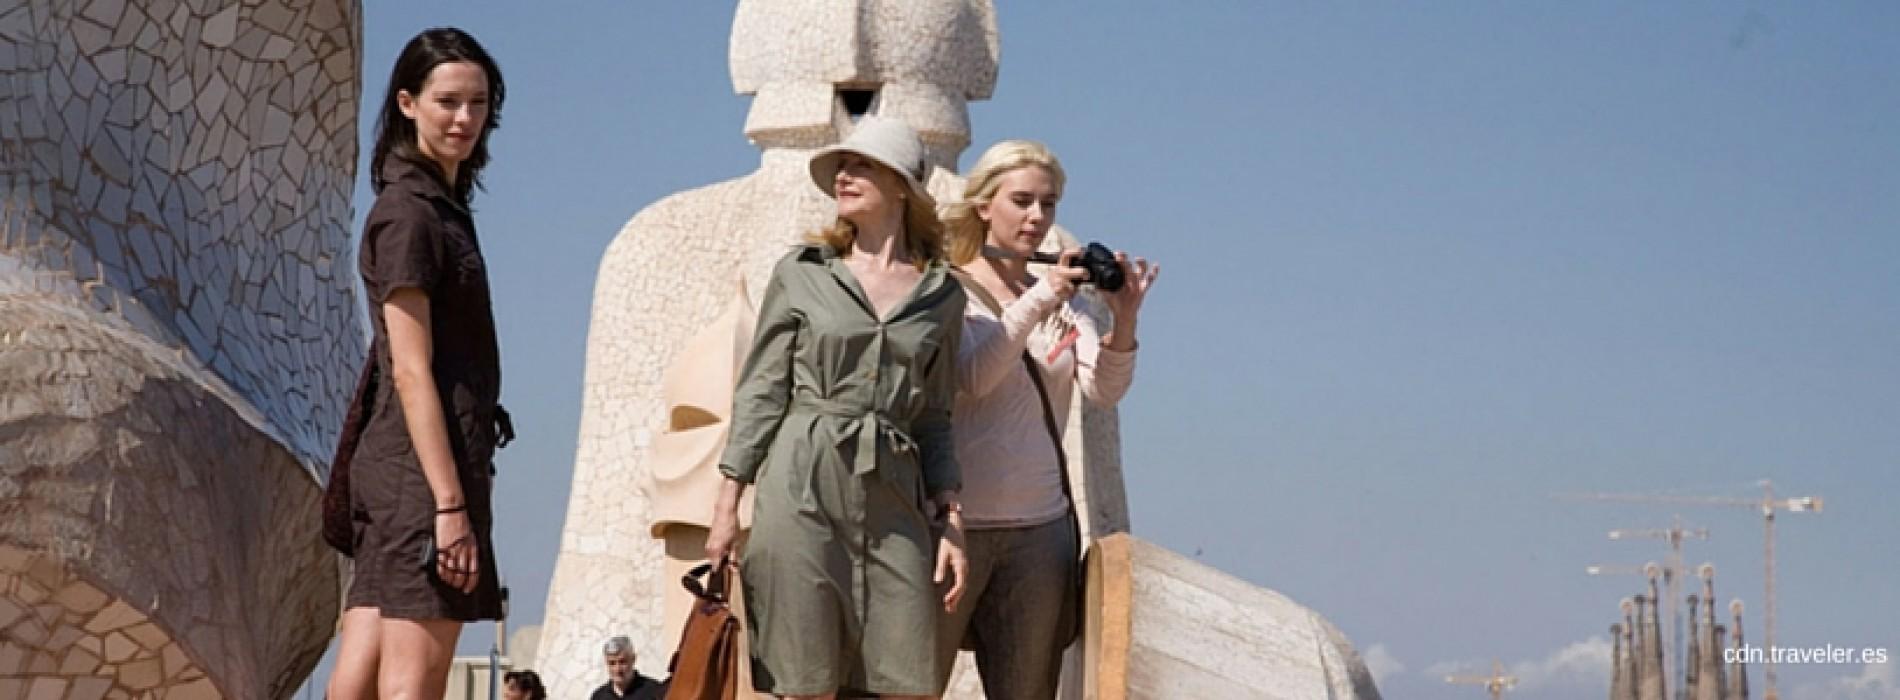 Turismo cinematográfico: ¡disfruta de un viaje de película!